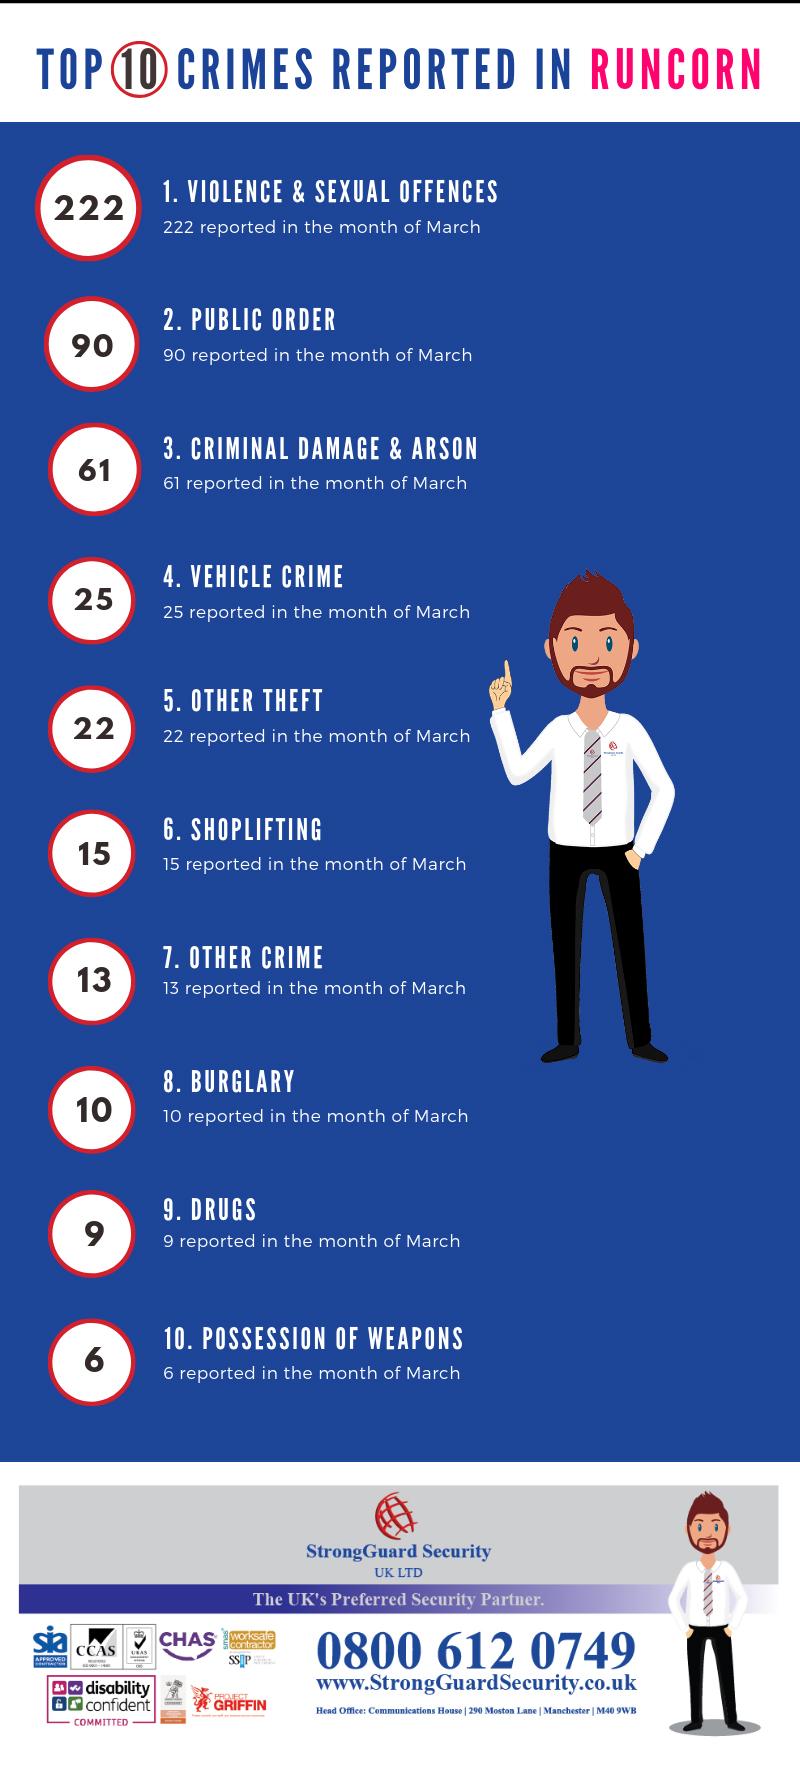 10 MOST REPORTED CRIMES IN RUNCORN- MARCH 2019